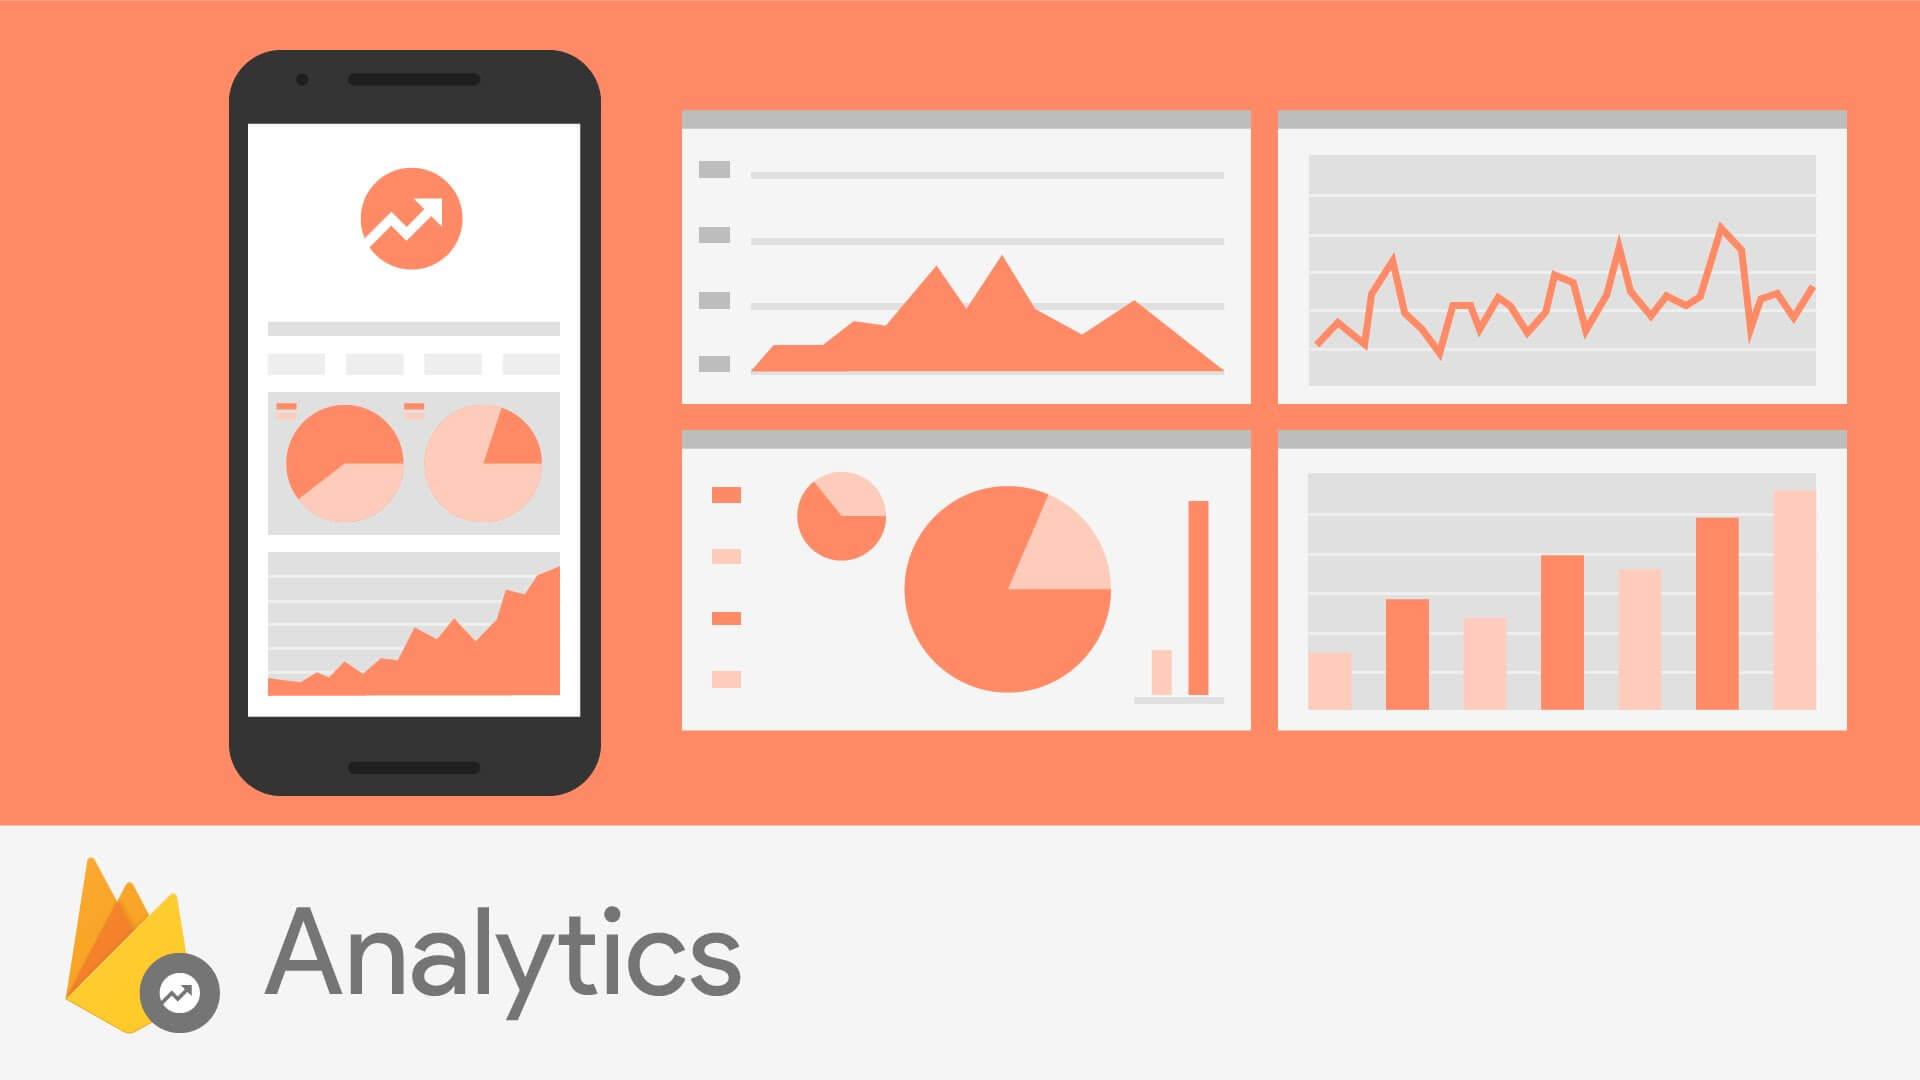 Google Analytics cho Firebase trở thành phương pháp chính giúp theo dõi chuyển đổi ứng dụng